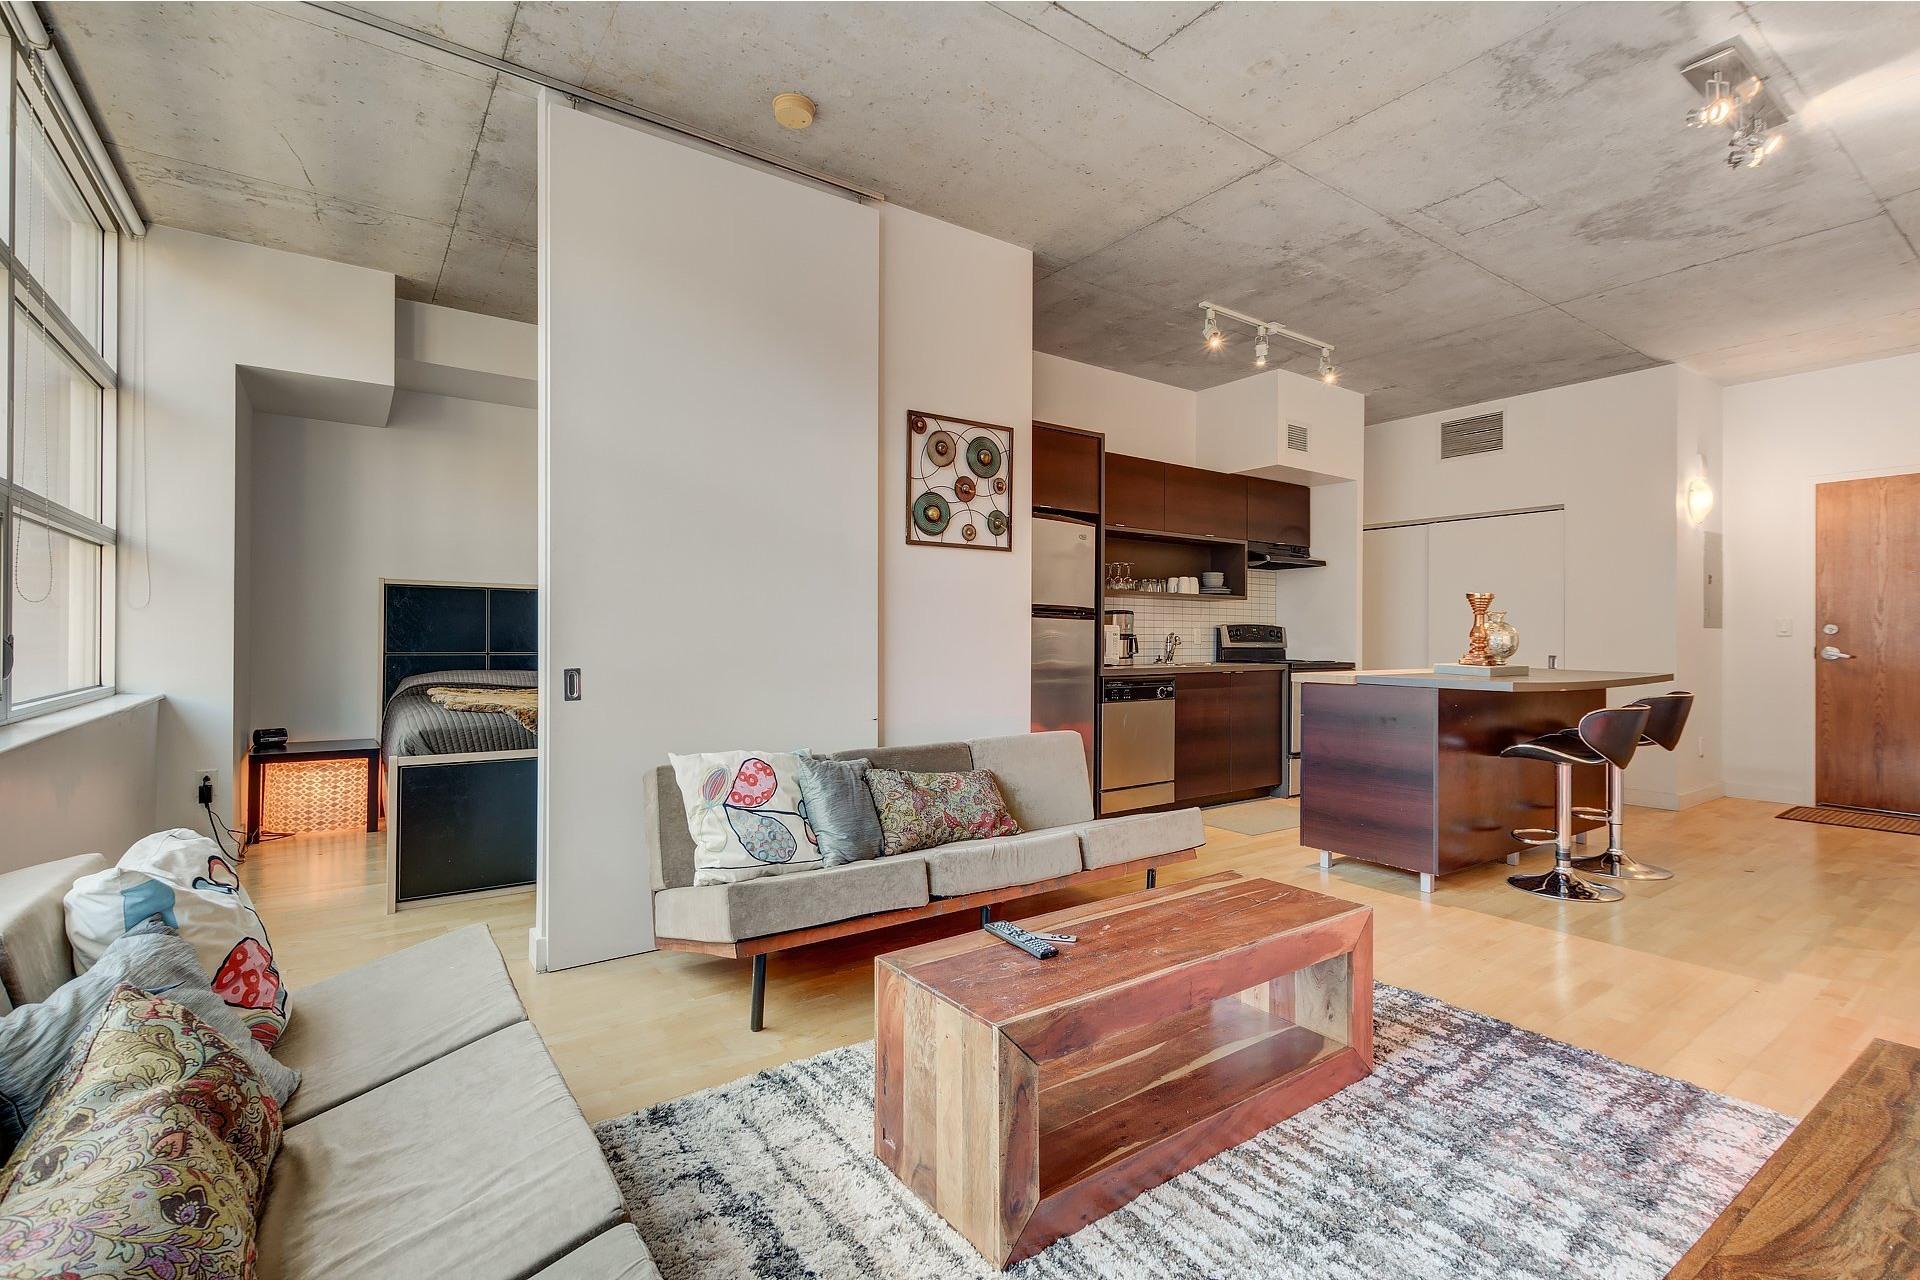 image 9 - Apartment For rent Ville-Marie Montréal  - 3 rooms